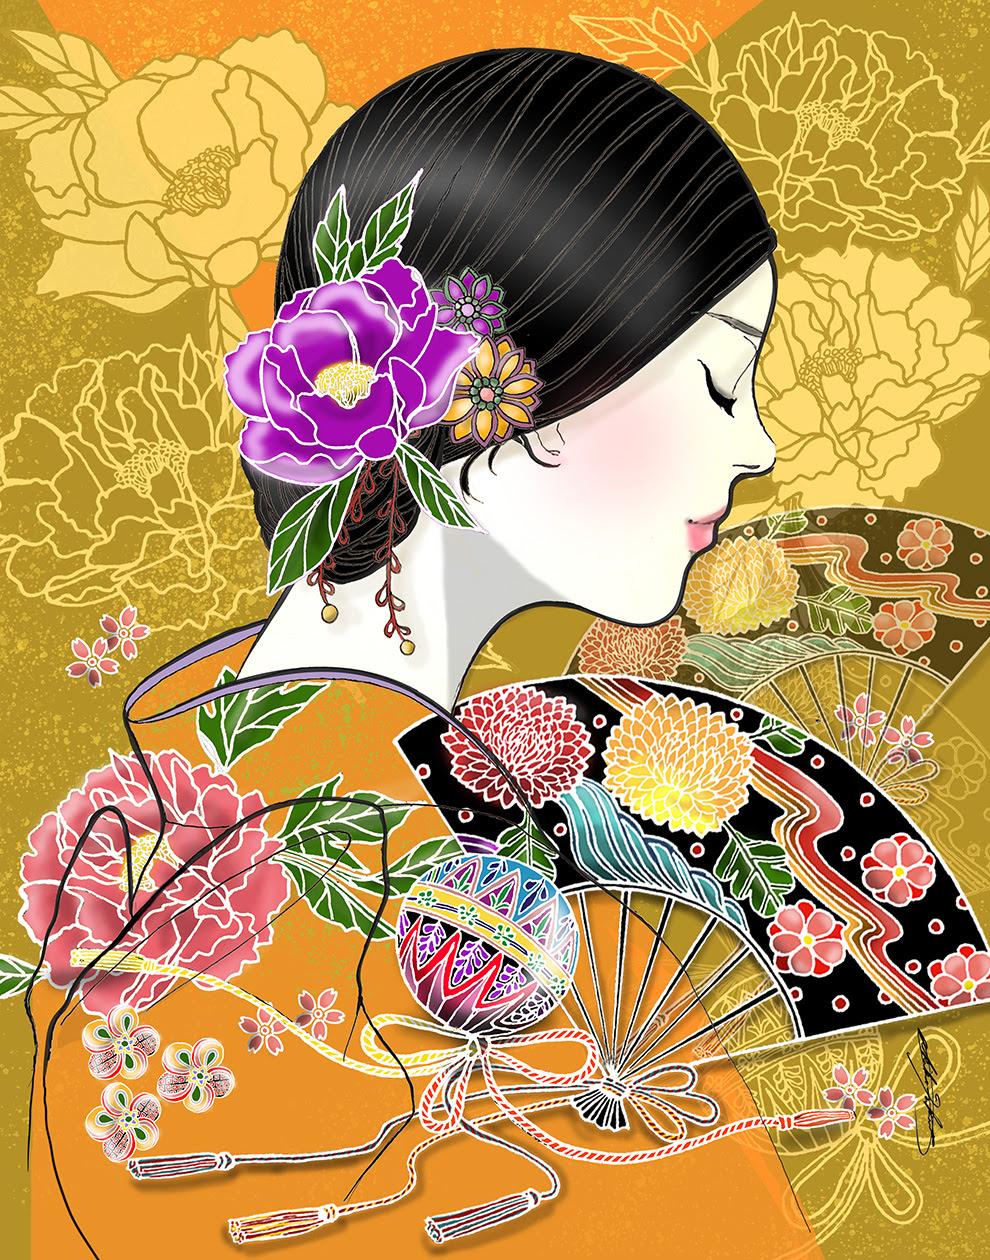 Akiko Fukuda - 05/02/2019【JCATサプリ】オーディエンスと希望や高揚感を共有できるものであれば本当に最高の幸せだと思います。そういう幸福なアーティストでありたい。